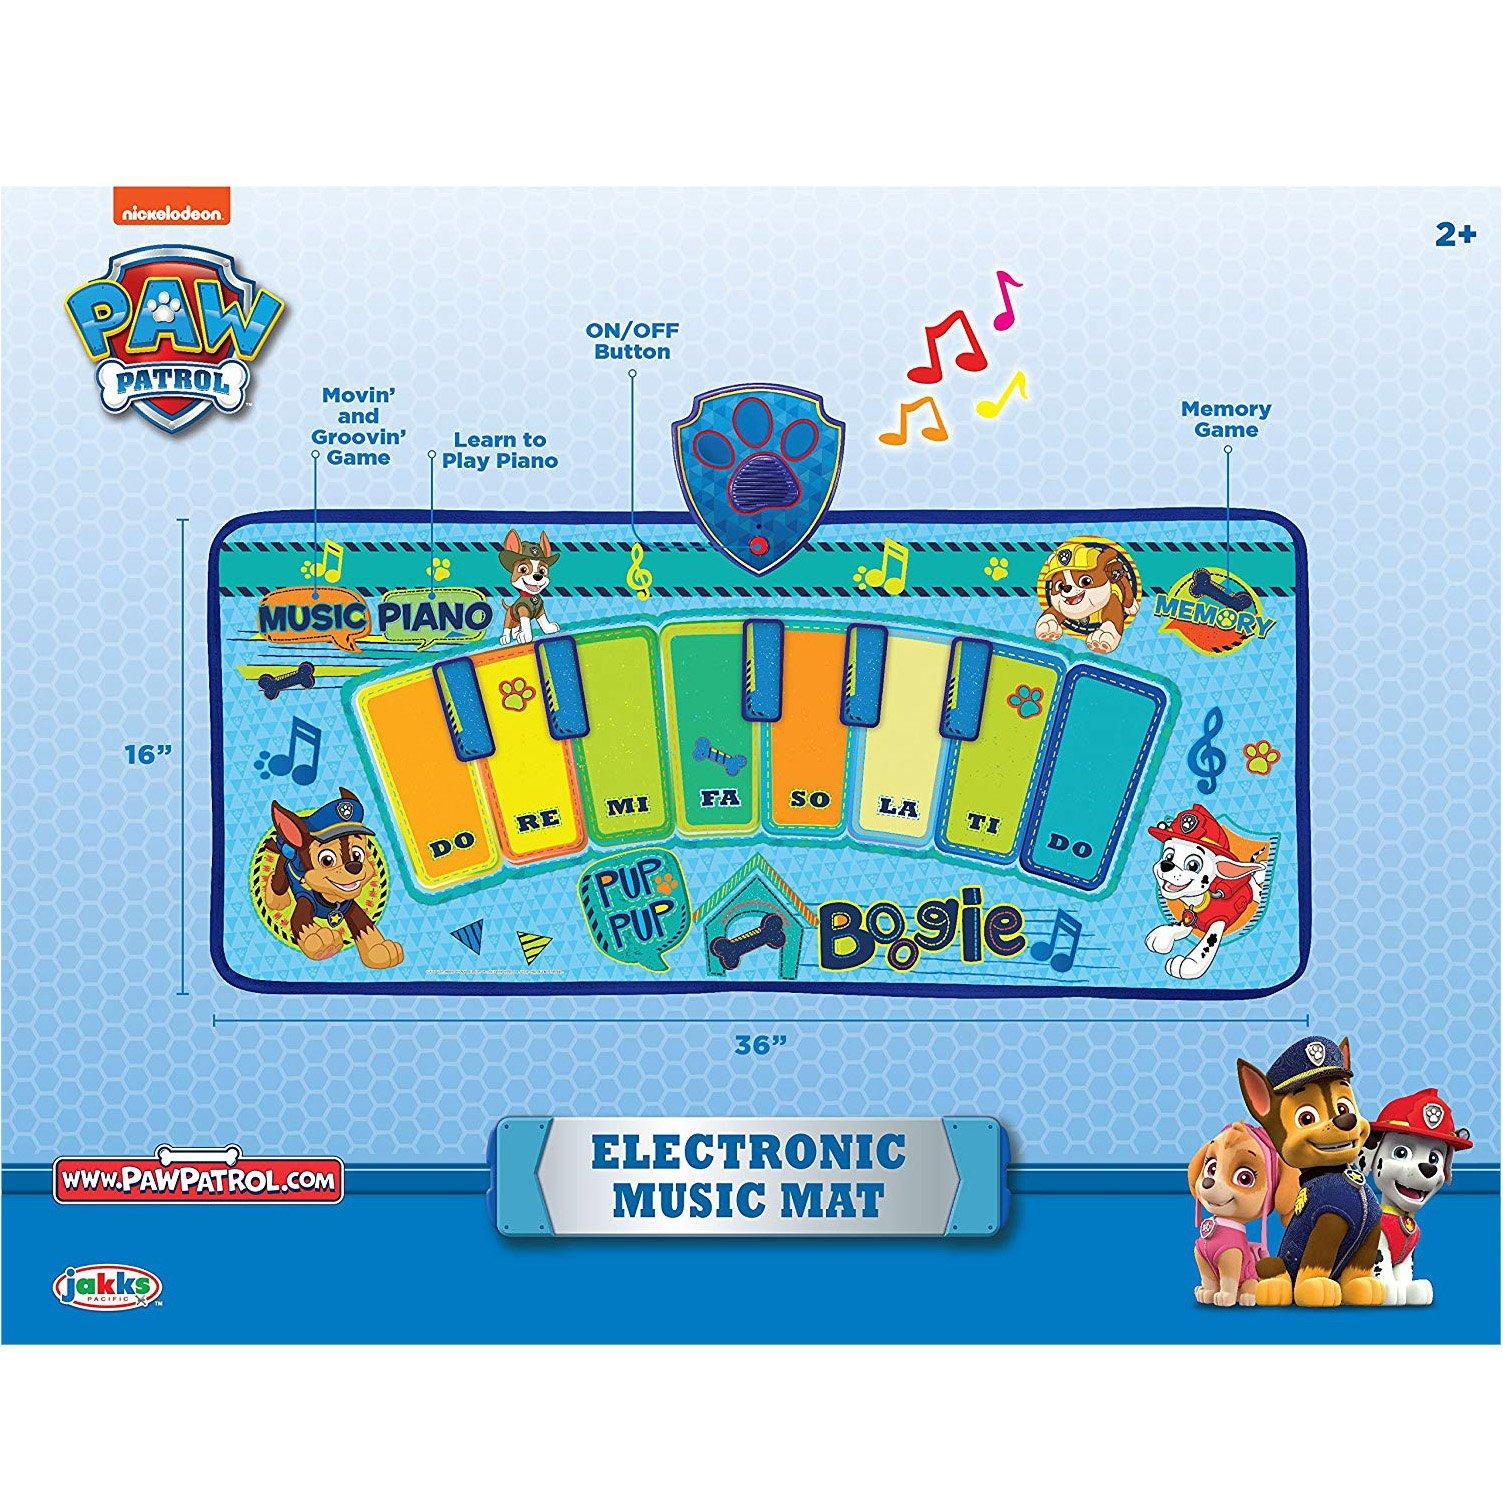 Nickelodeon Paw Patrol Electronic Music Dance Play Mat